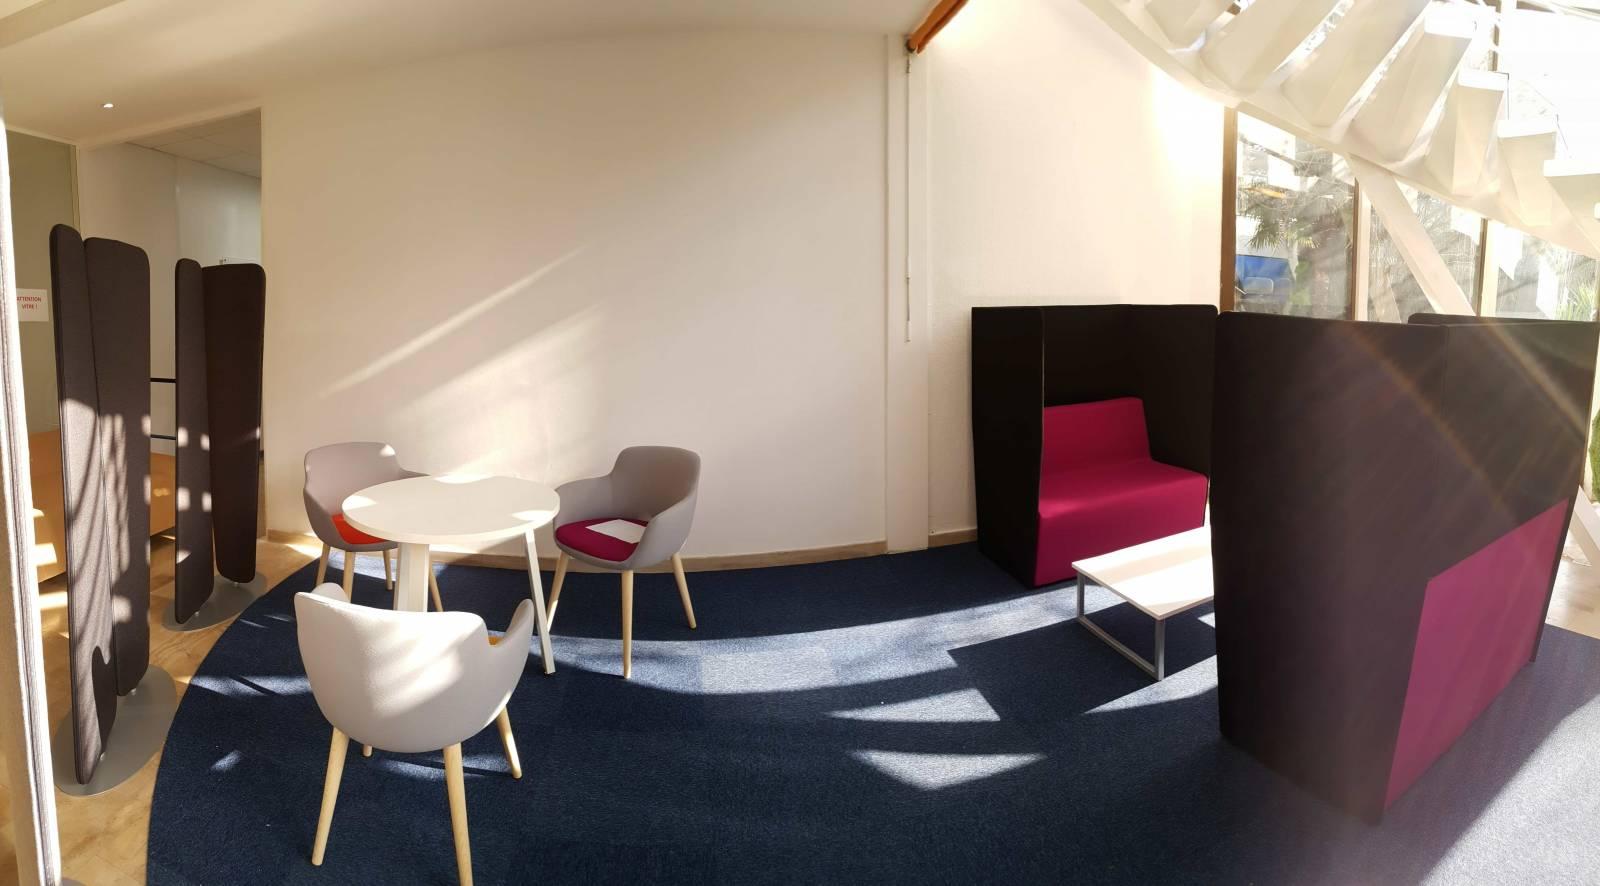 zone d'open meeting avec 3 fauteuils et 2 banquettes acoustiques